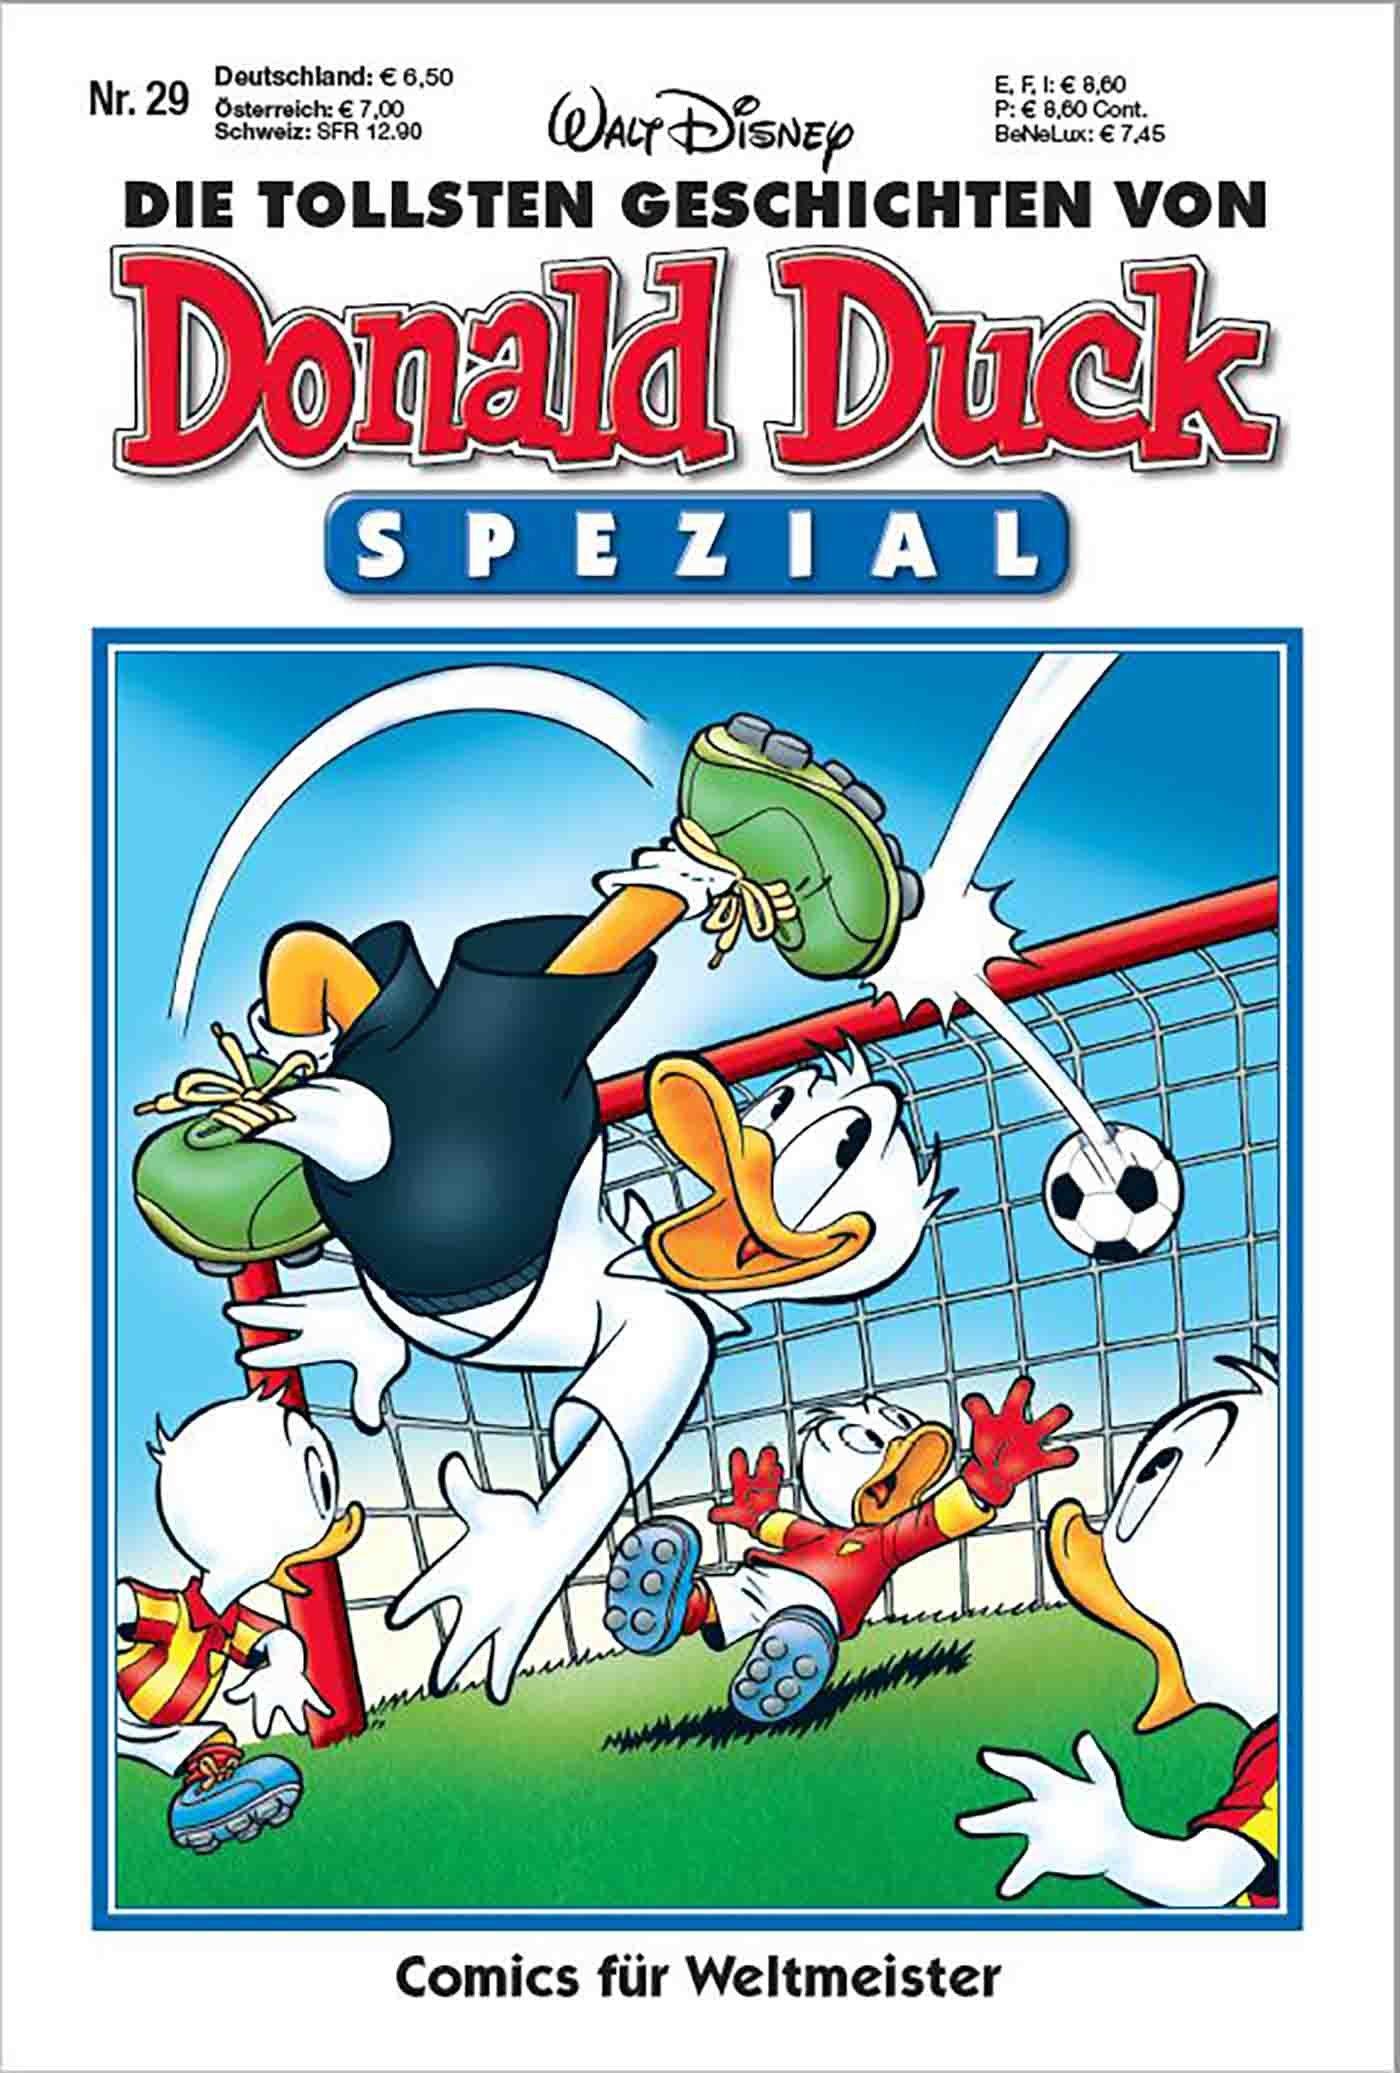 Die tollsten Geschichten von Donald Duck - Spezial Nr. 29: Comics für Weltmeister Taschenbuch – 30. Mai 2018 Disney Egmont Ehapa Media 3841370292 Comic / Abenteuer